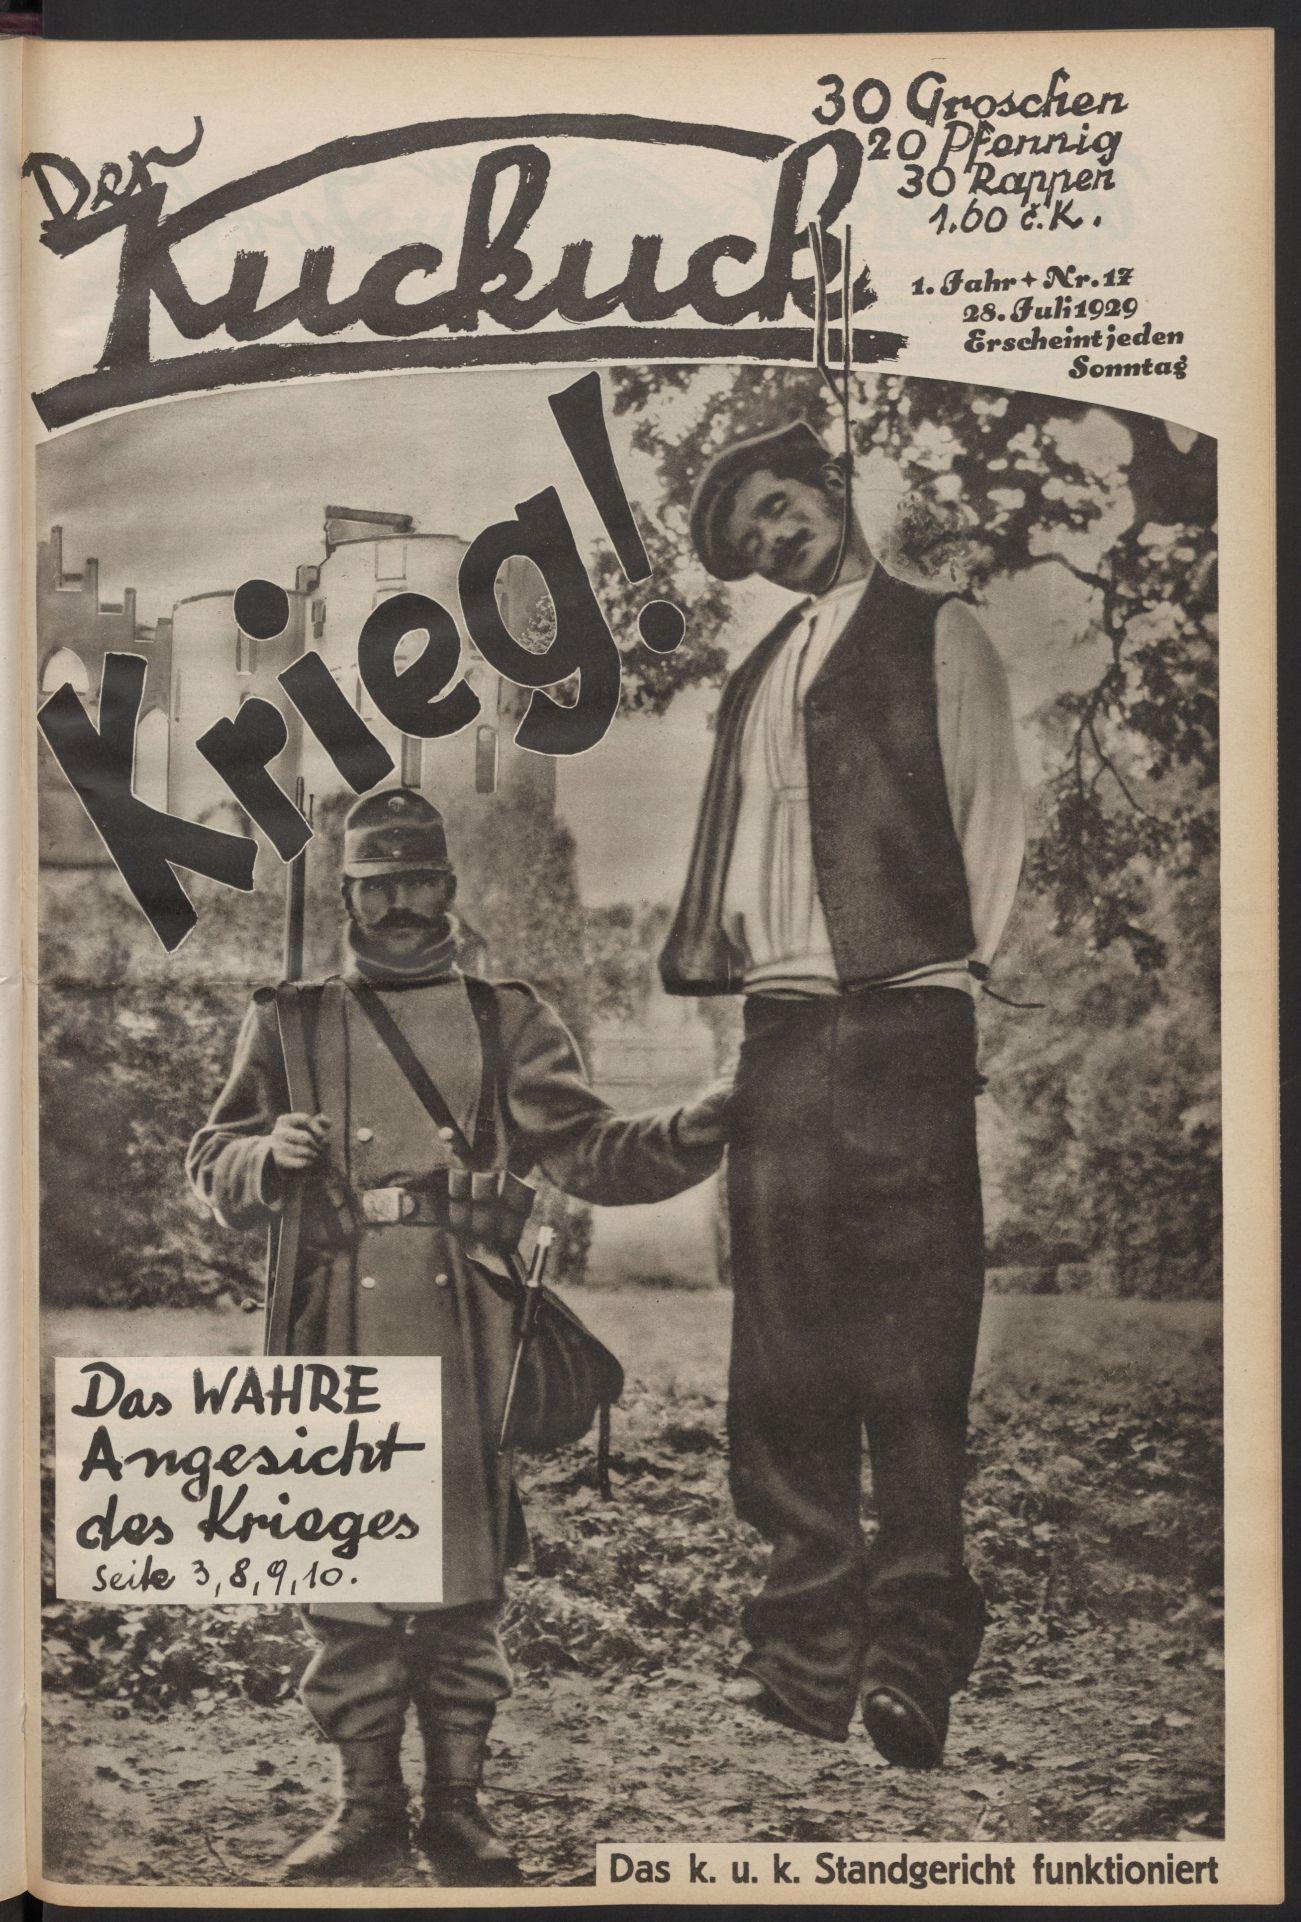 A Der Kuckuck (A kakukk) c. osztrák szociáldemokrata újság címlapja 1929-ből. (Forrás: Der Kuckuck. 1. évf. 17. sz. (1929) 1. o.